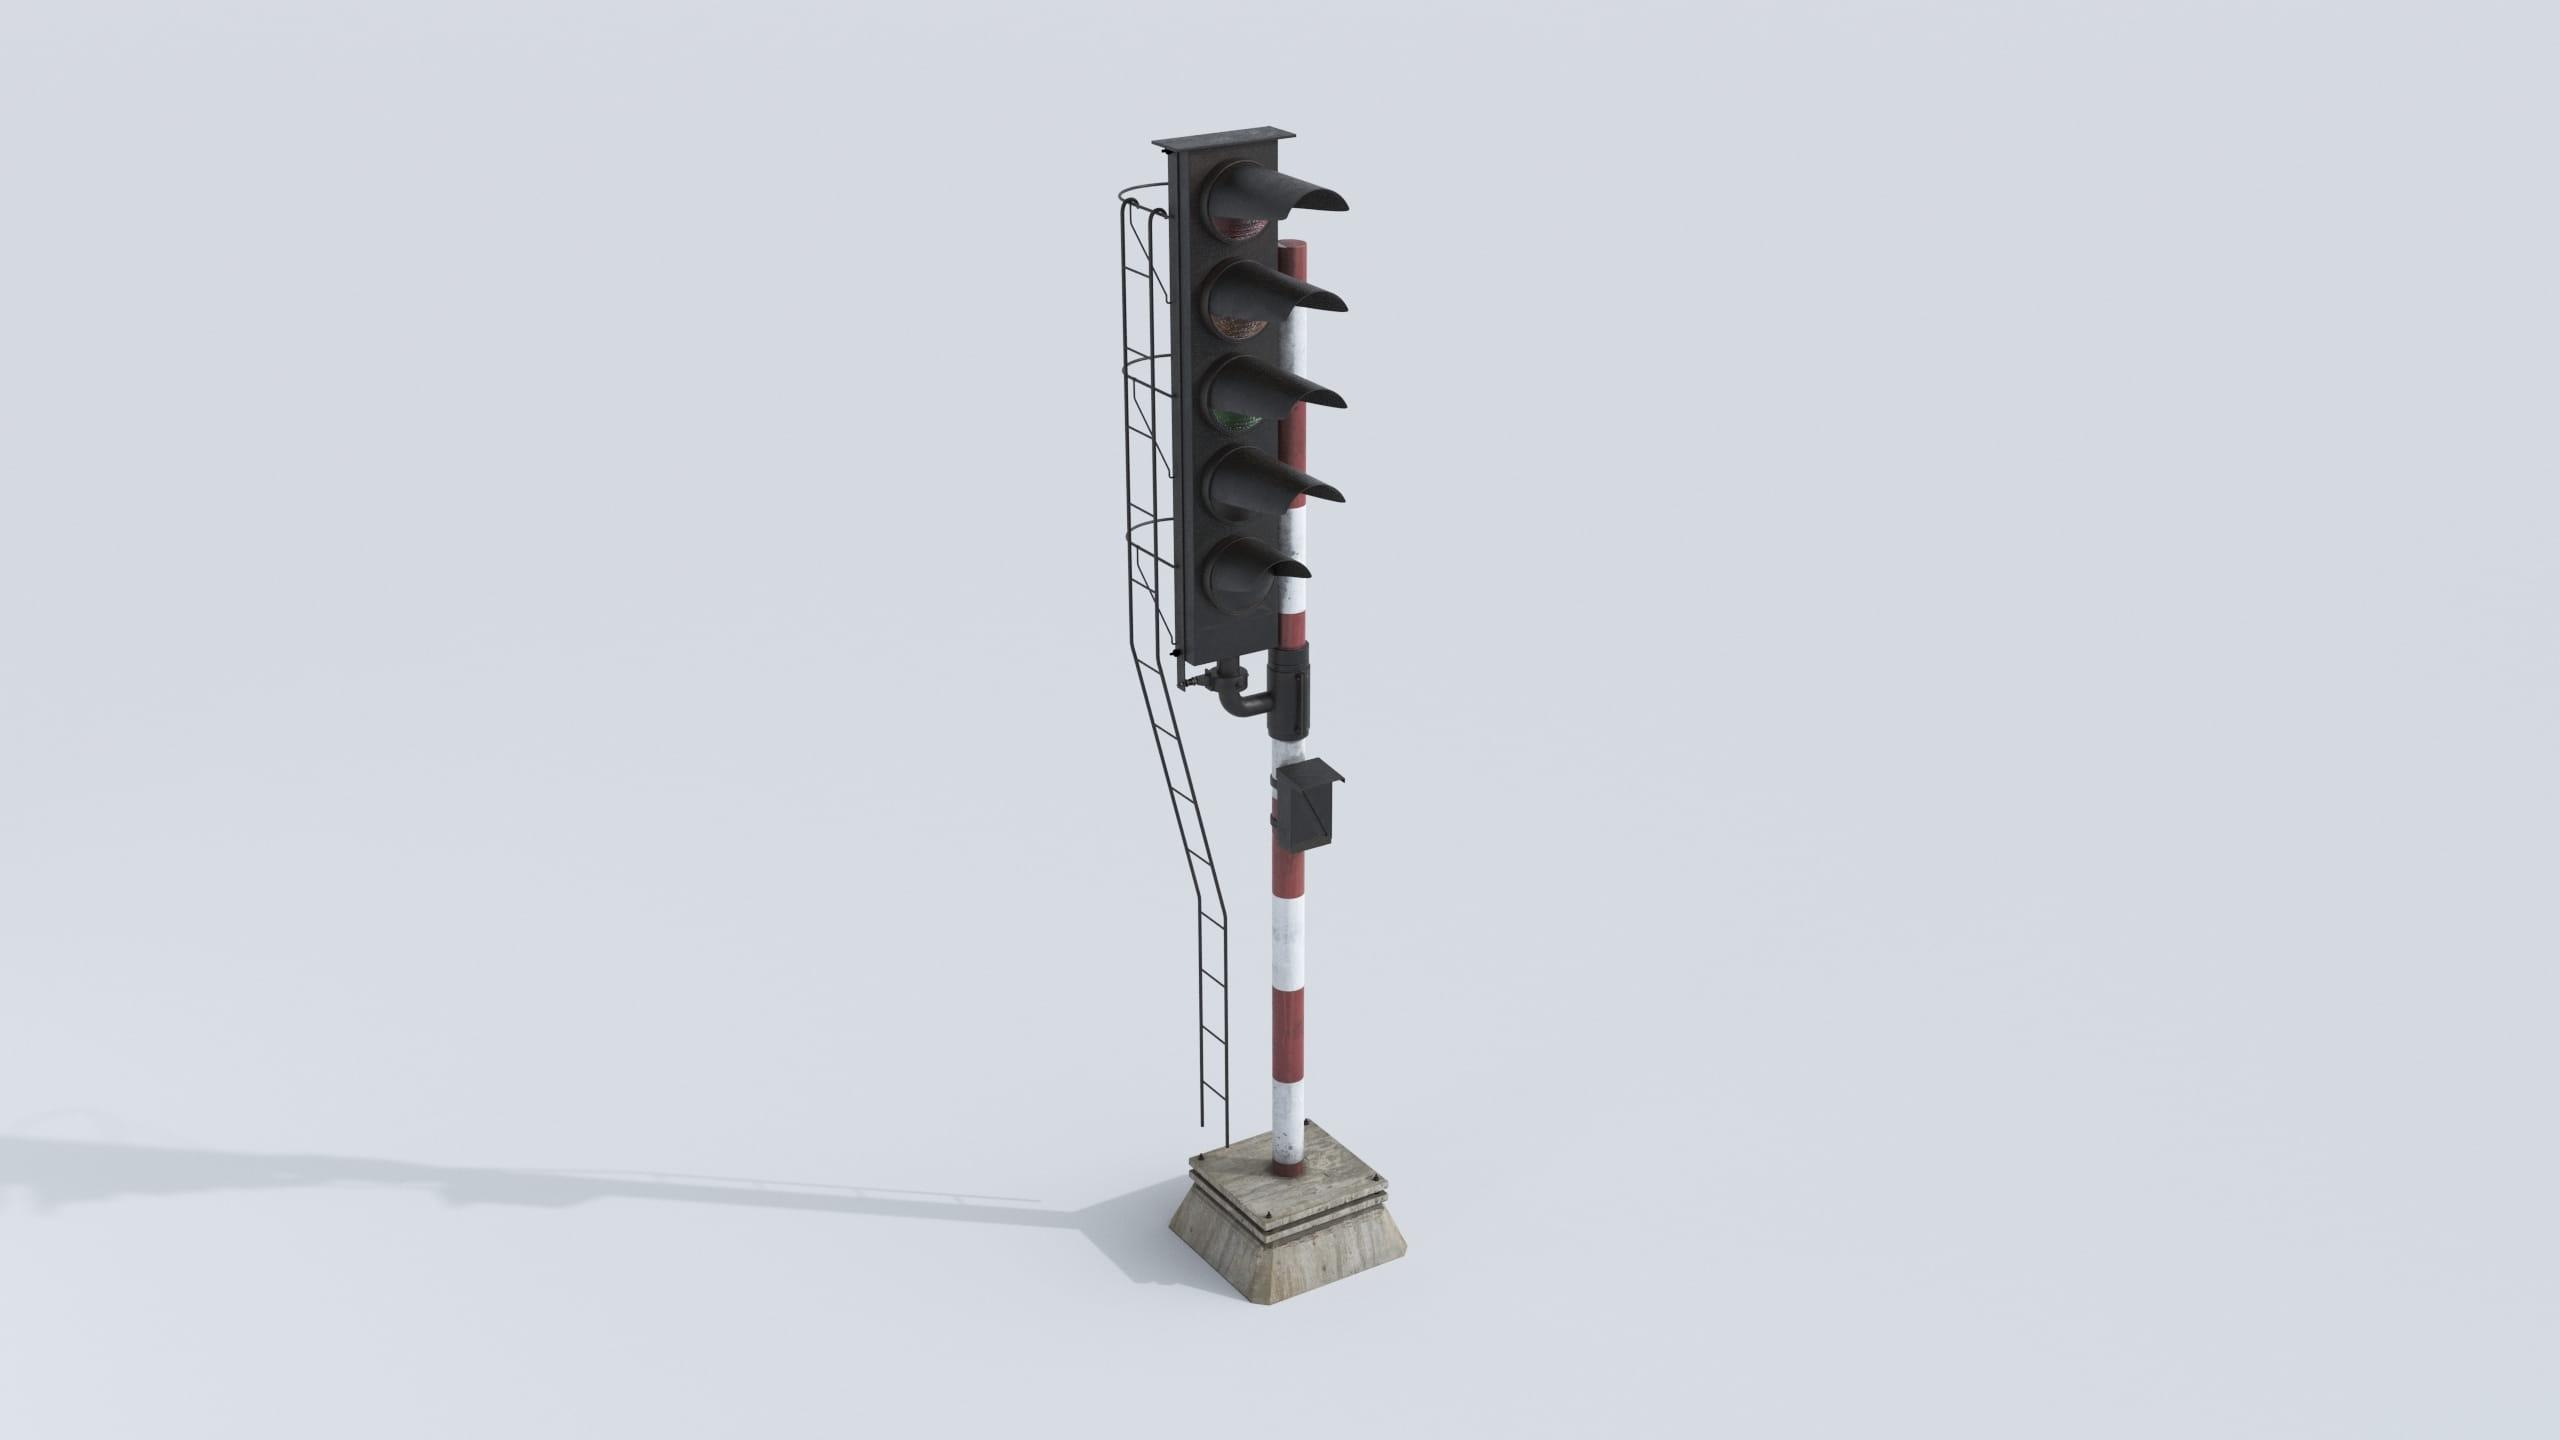 railway signal 16 AM223 Archmodels